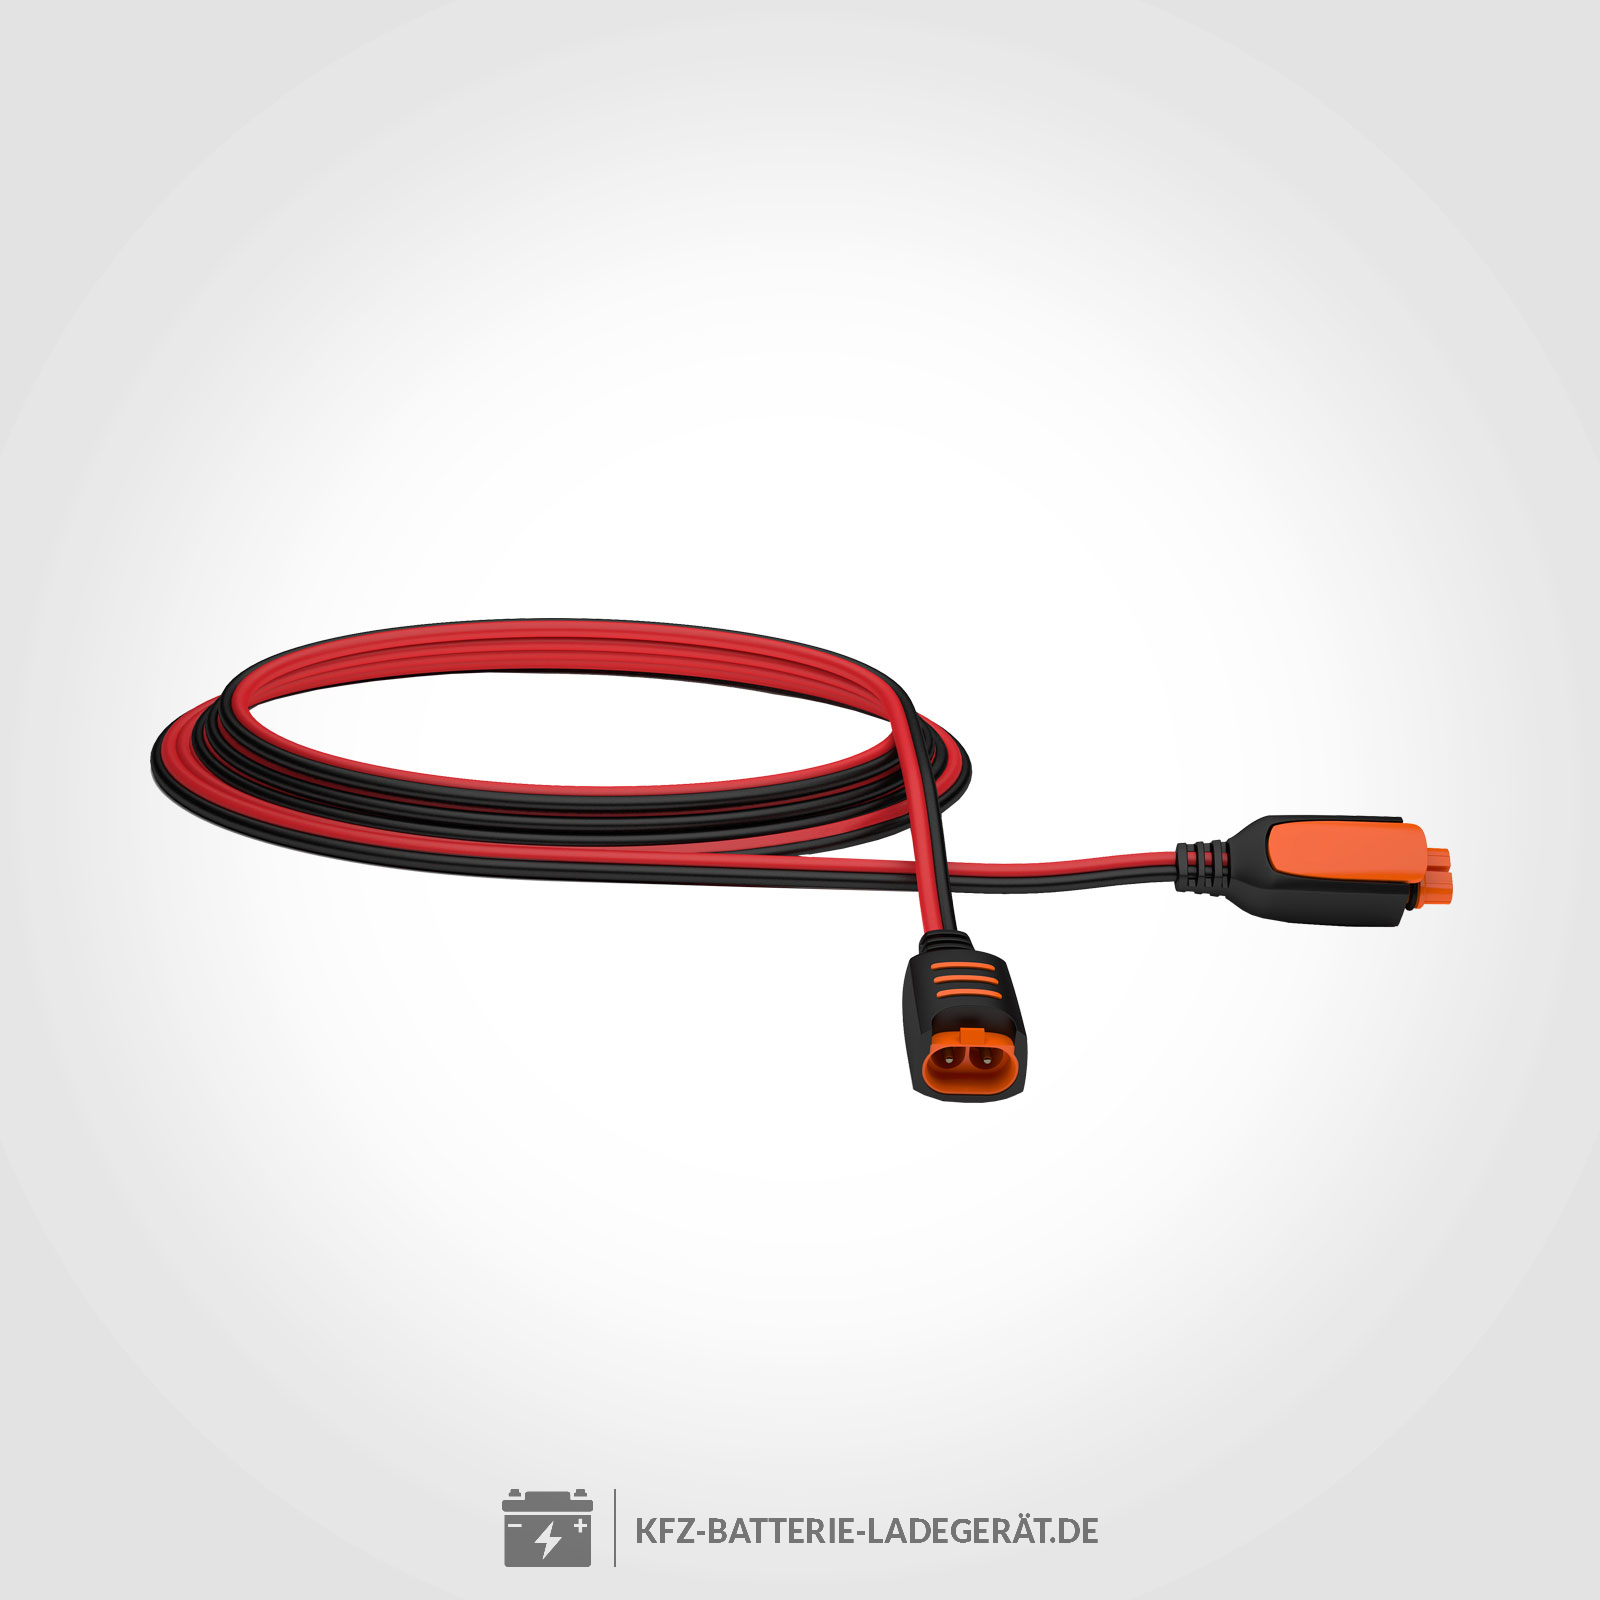 Ctek Ladekabel Verlängerung 25 M Bis Zu 10 A Ctek Batterie Ladegeräte